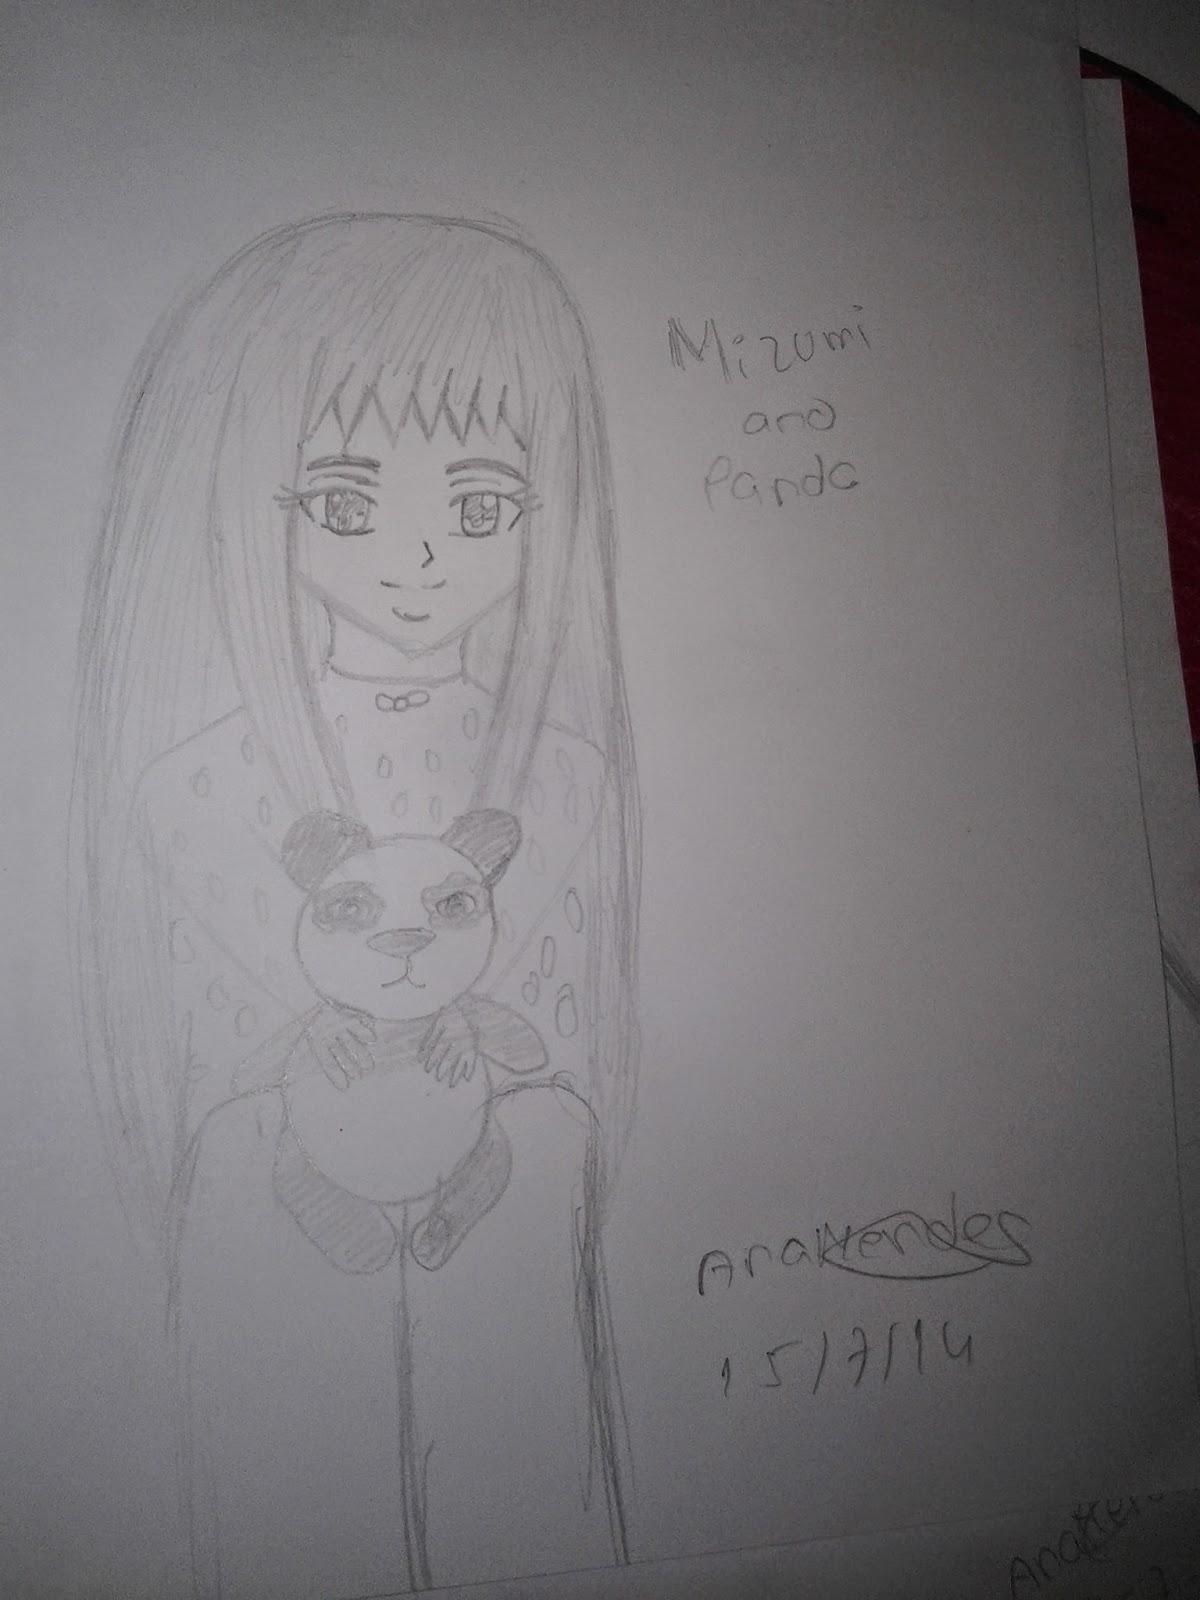 Galeria da Mizumi-Chan  - Página 7 20140715_130024